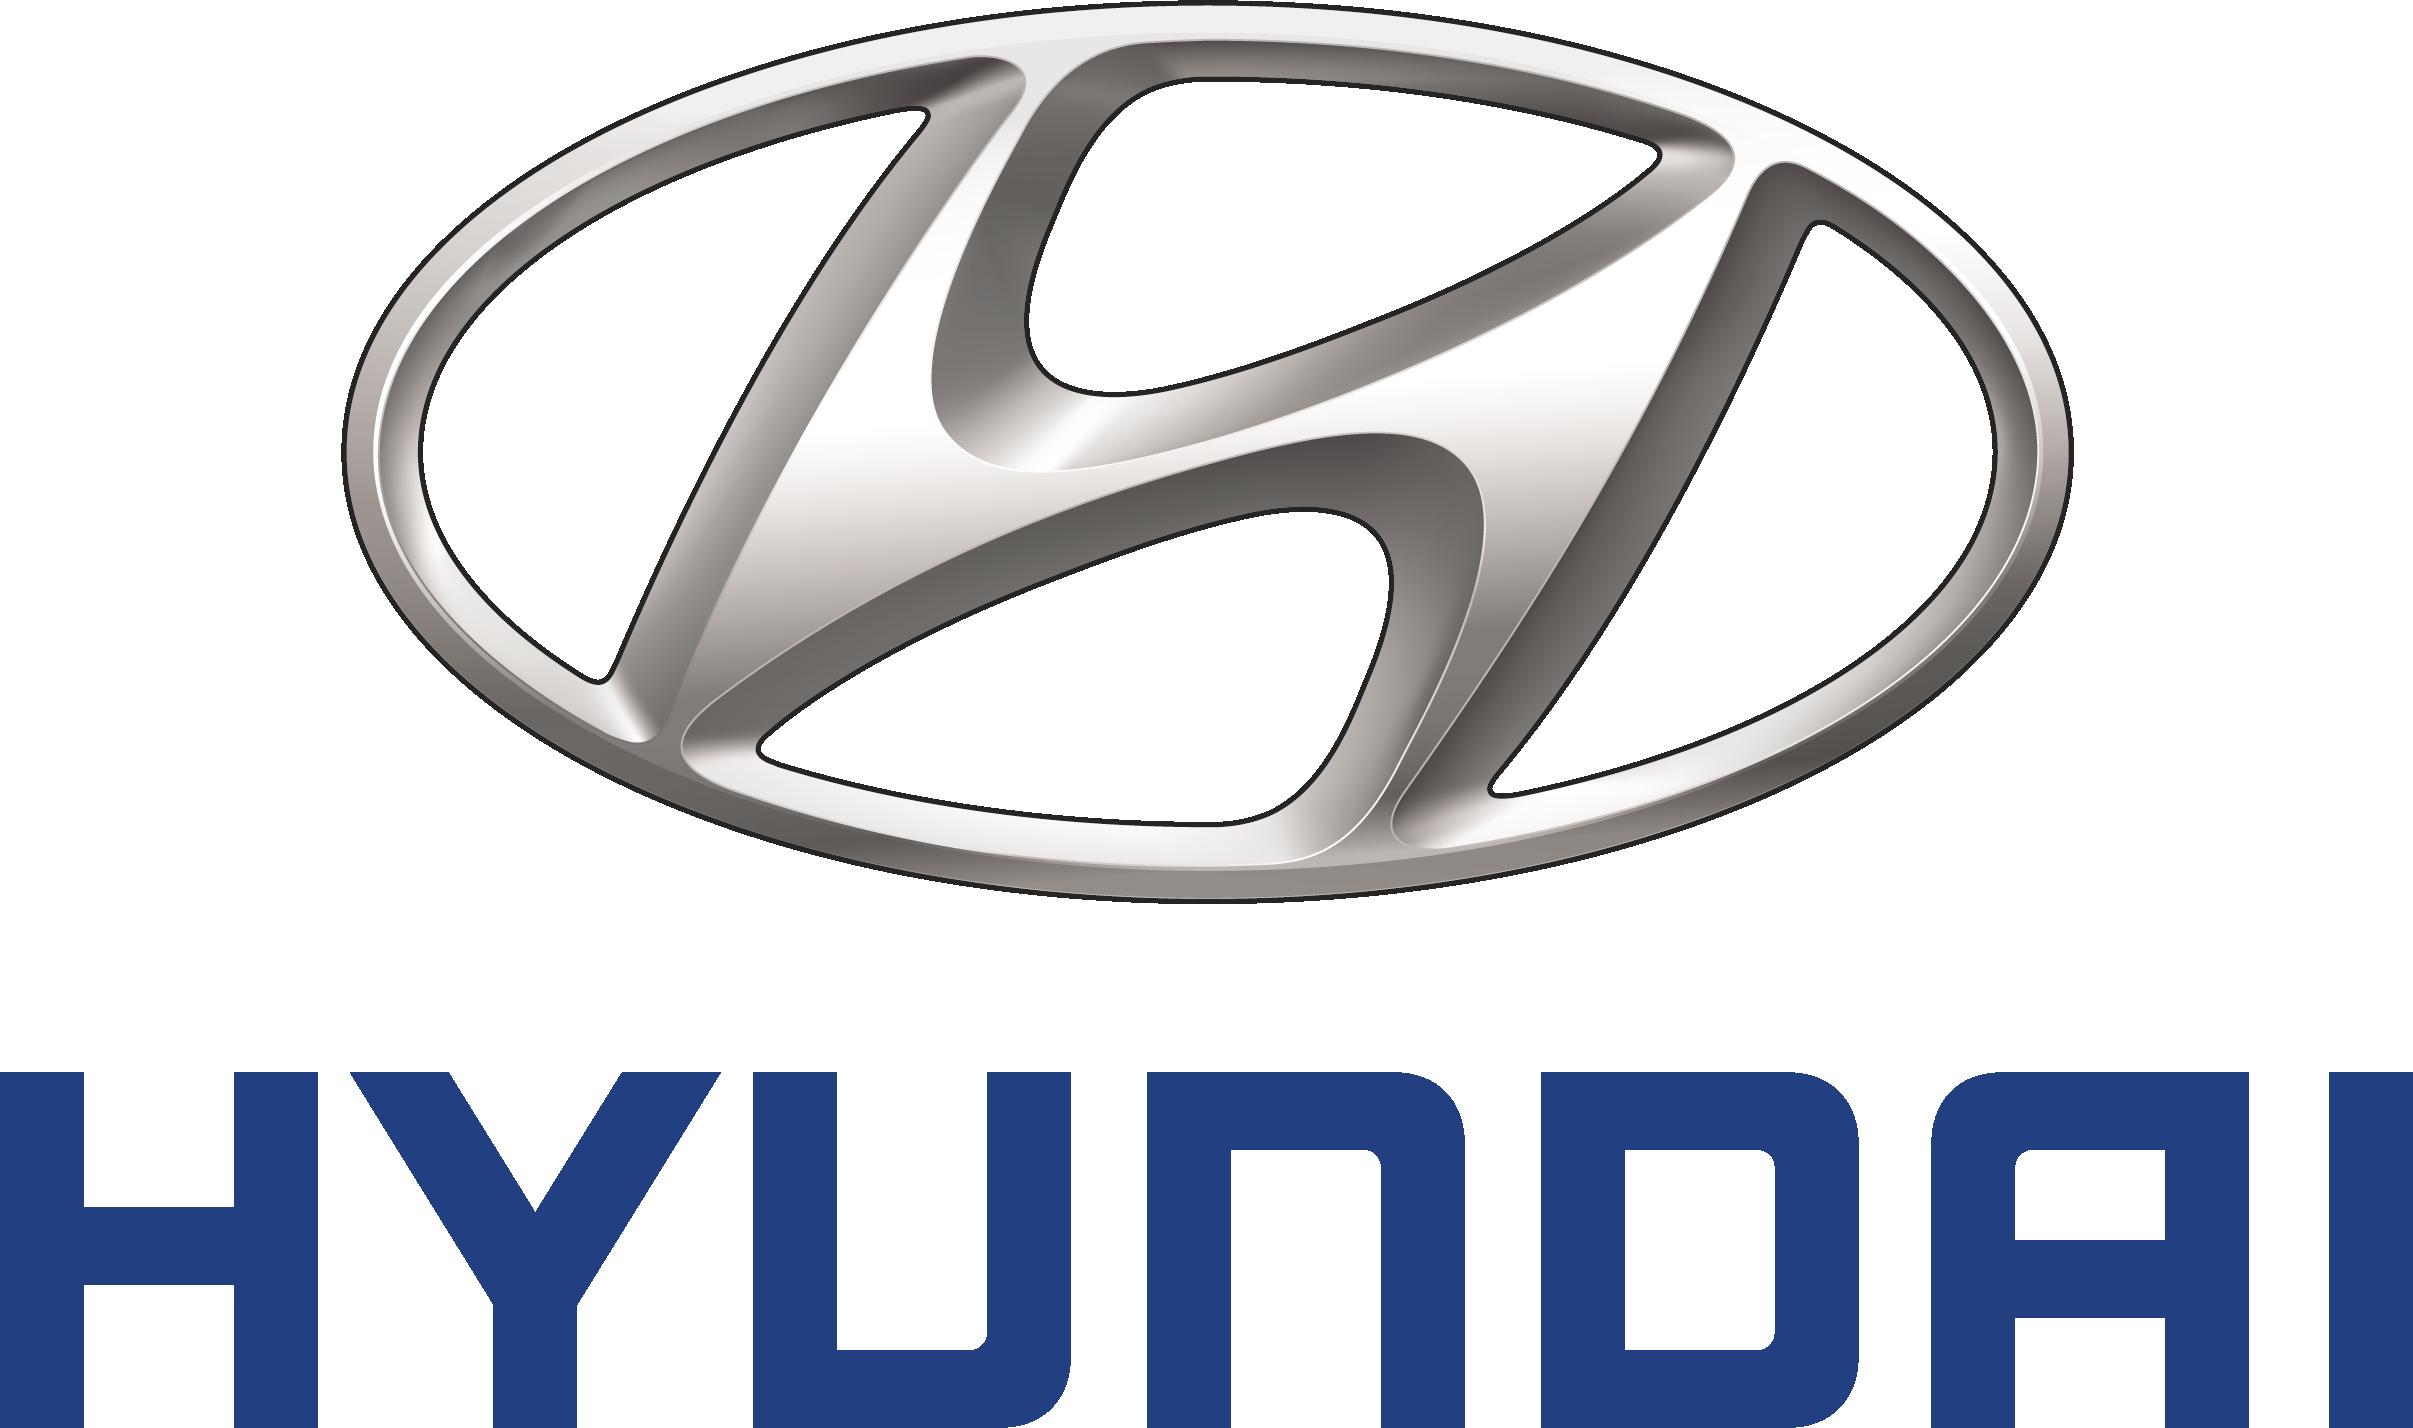 Hyundai-symbol-6.png